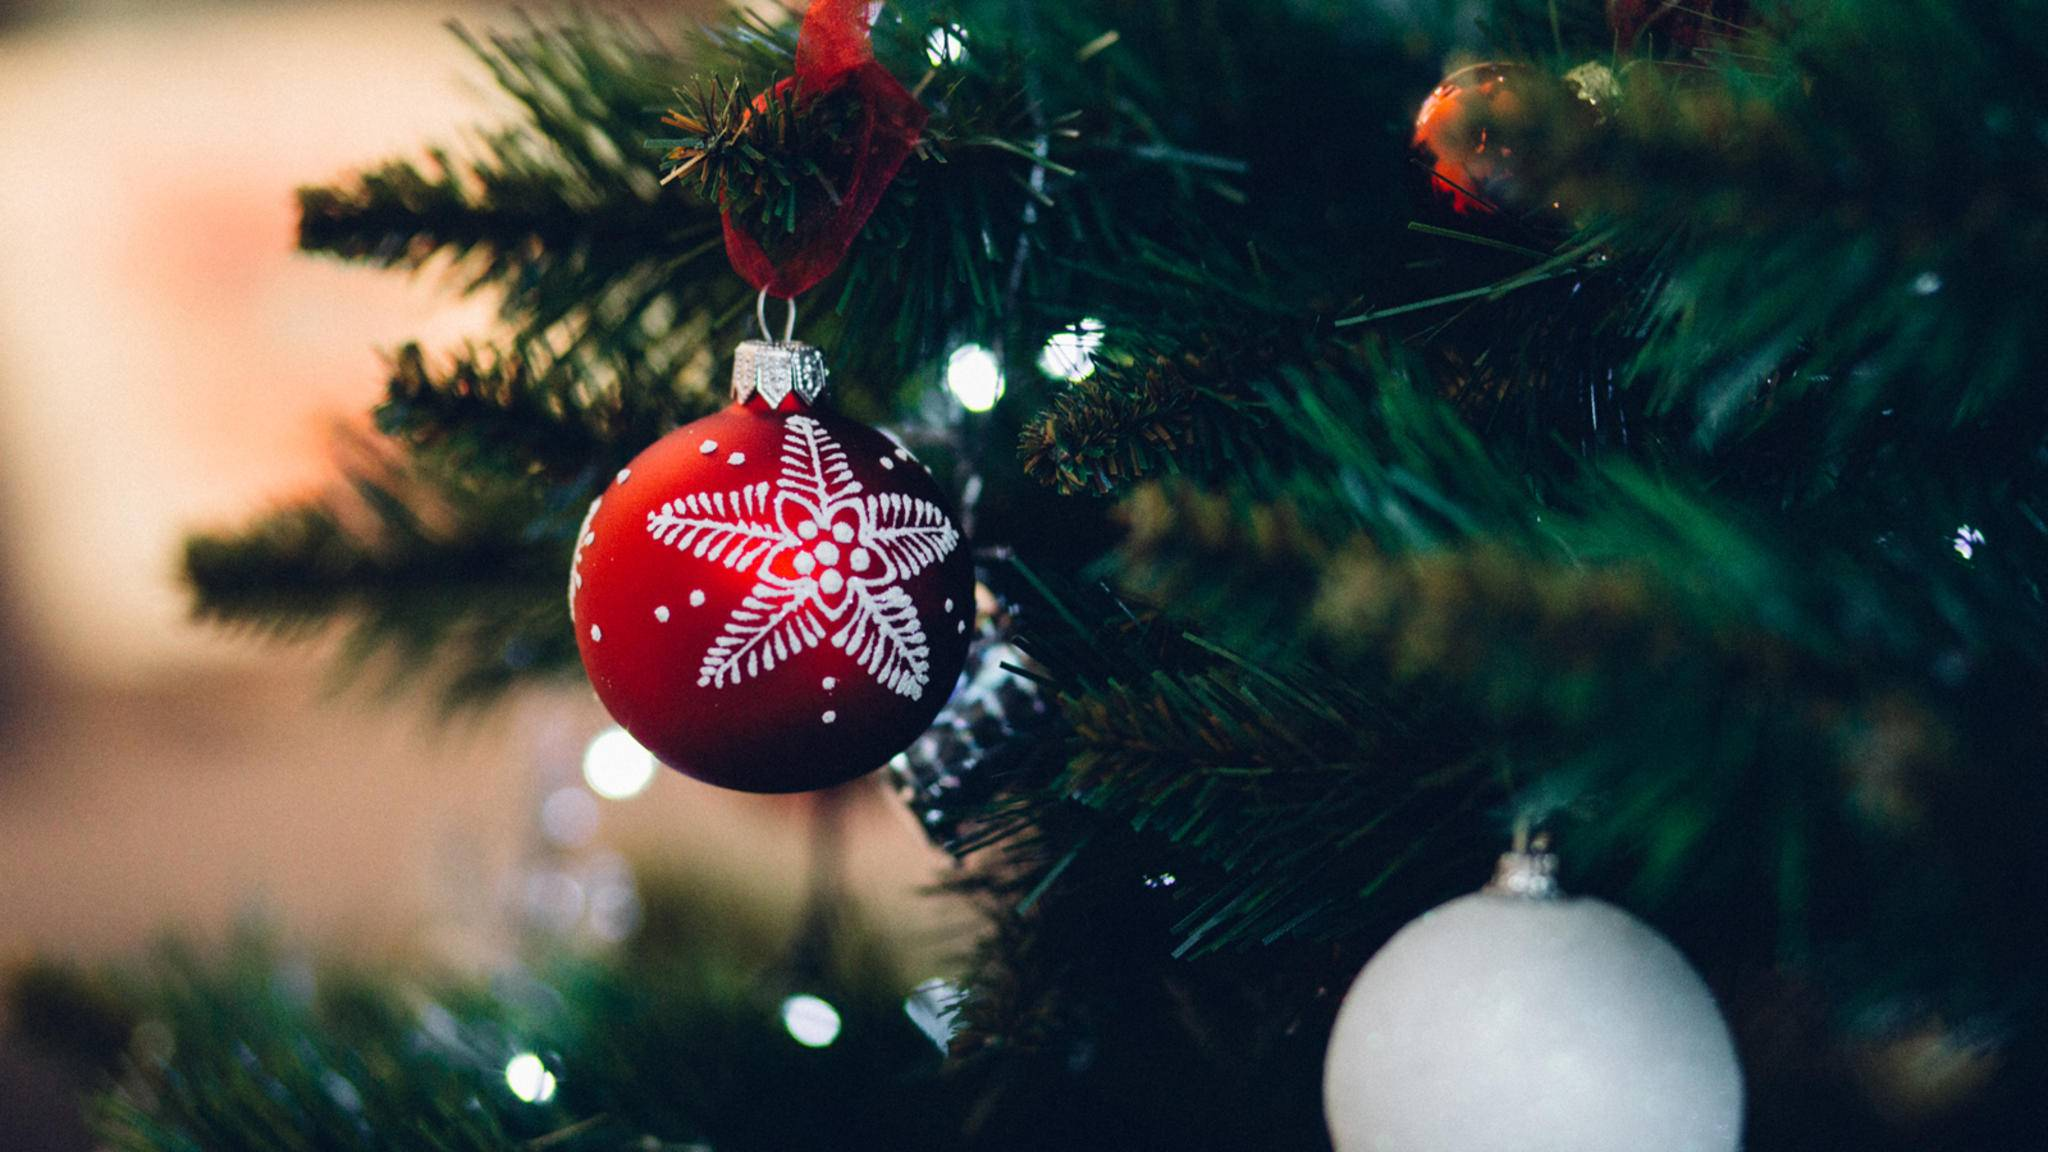 Unter dem Tannenbaum wird zu Weihnachten gerne gesungen – doch nicht alle beliebten Weihnachtslieder handeln vom Fest der Liebe.